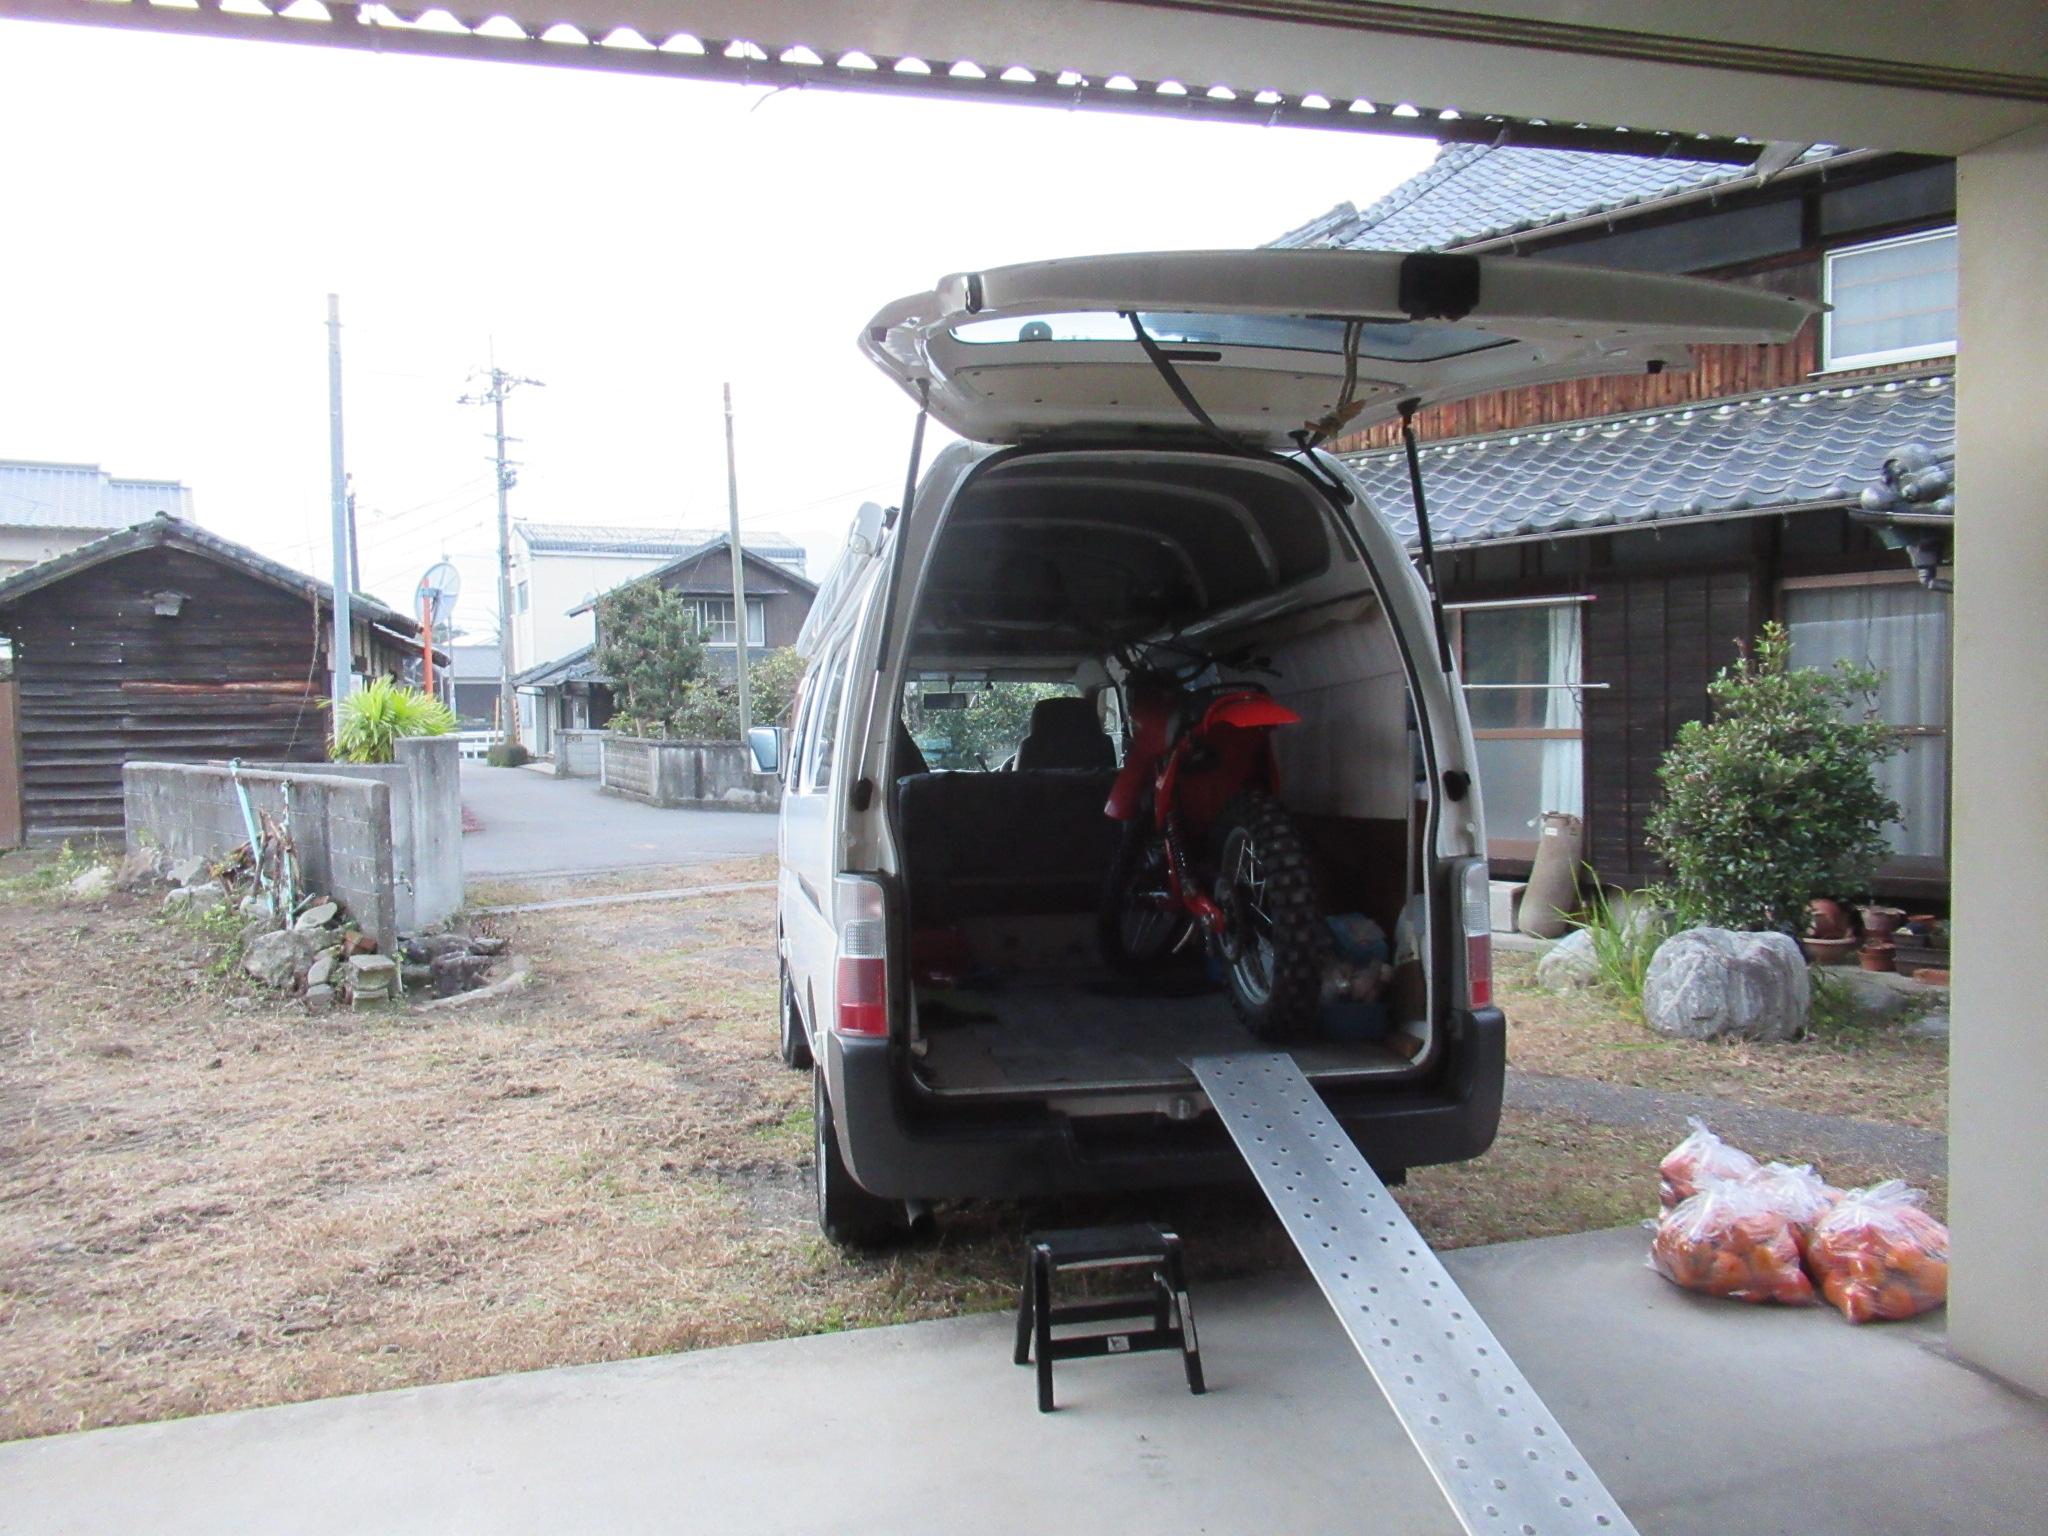 http://www.precious-factory.com/preciousfactory2010/IMG_0890.JPG